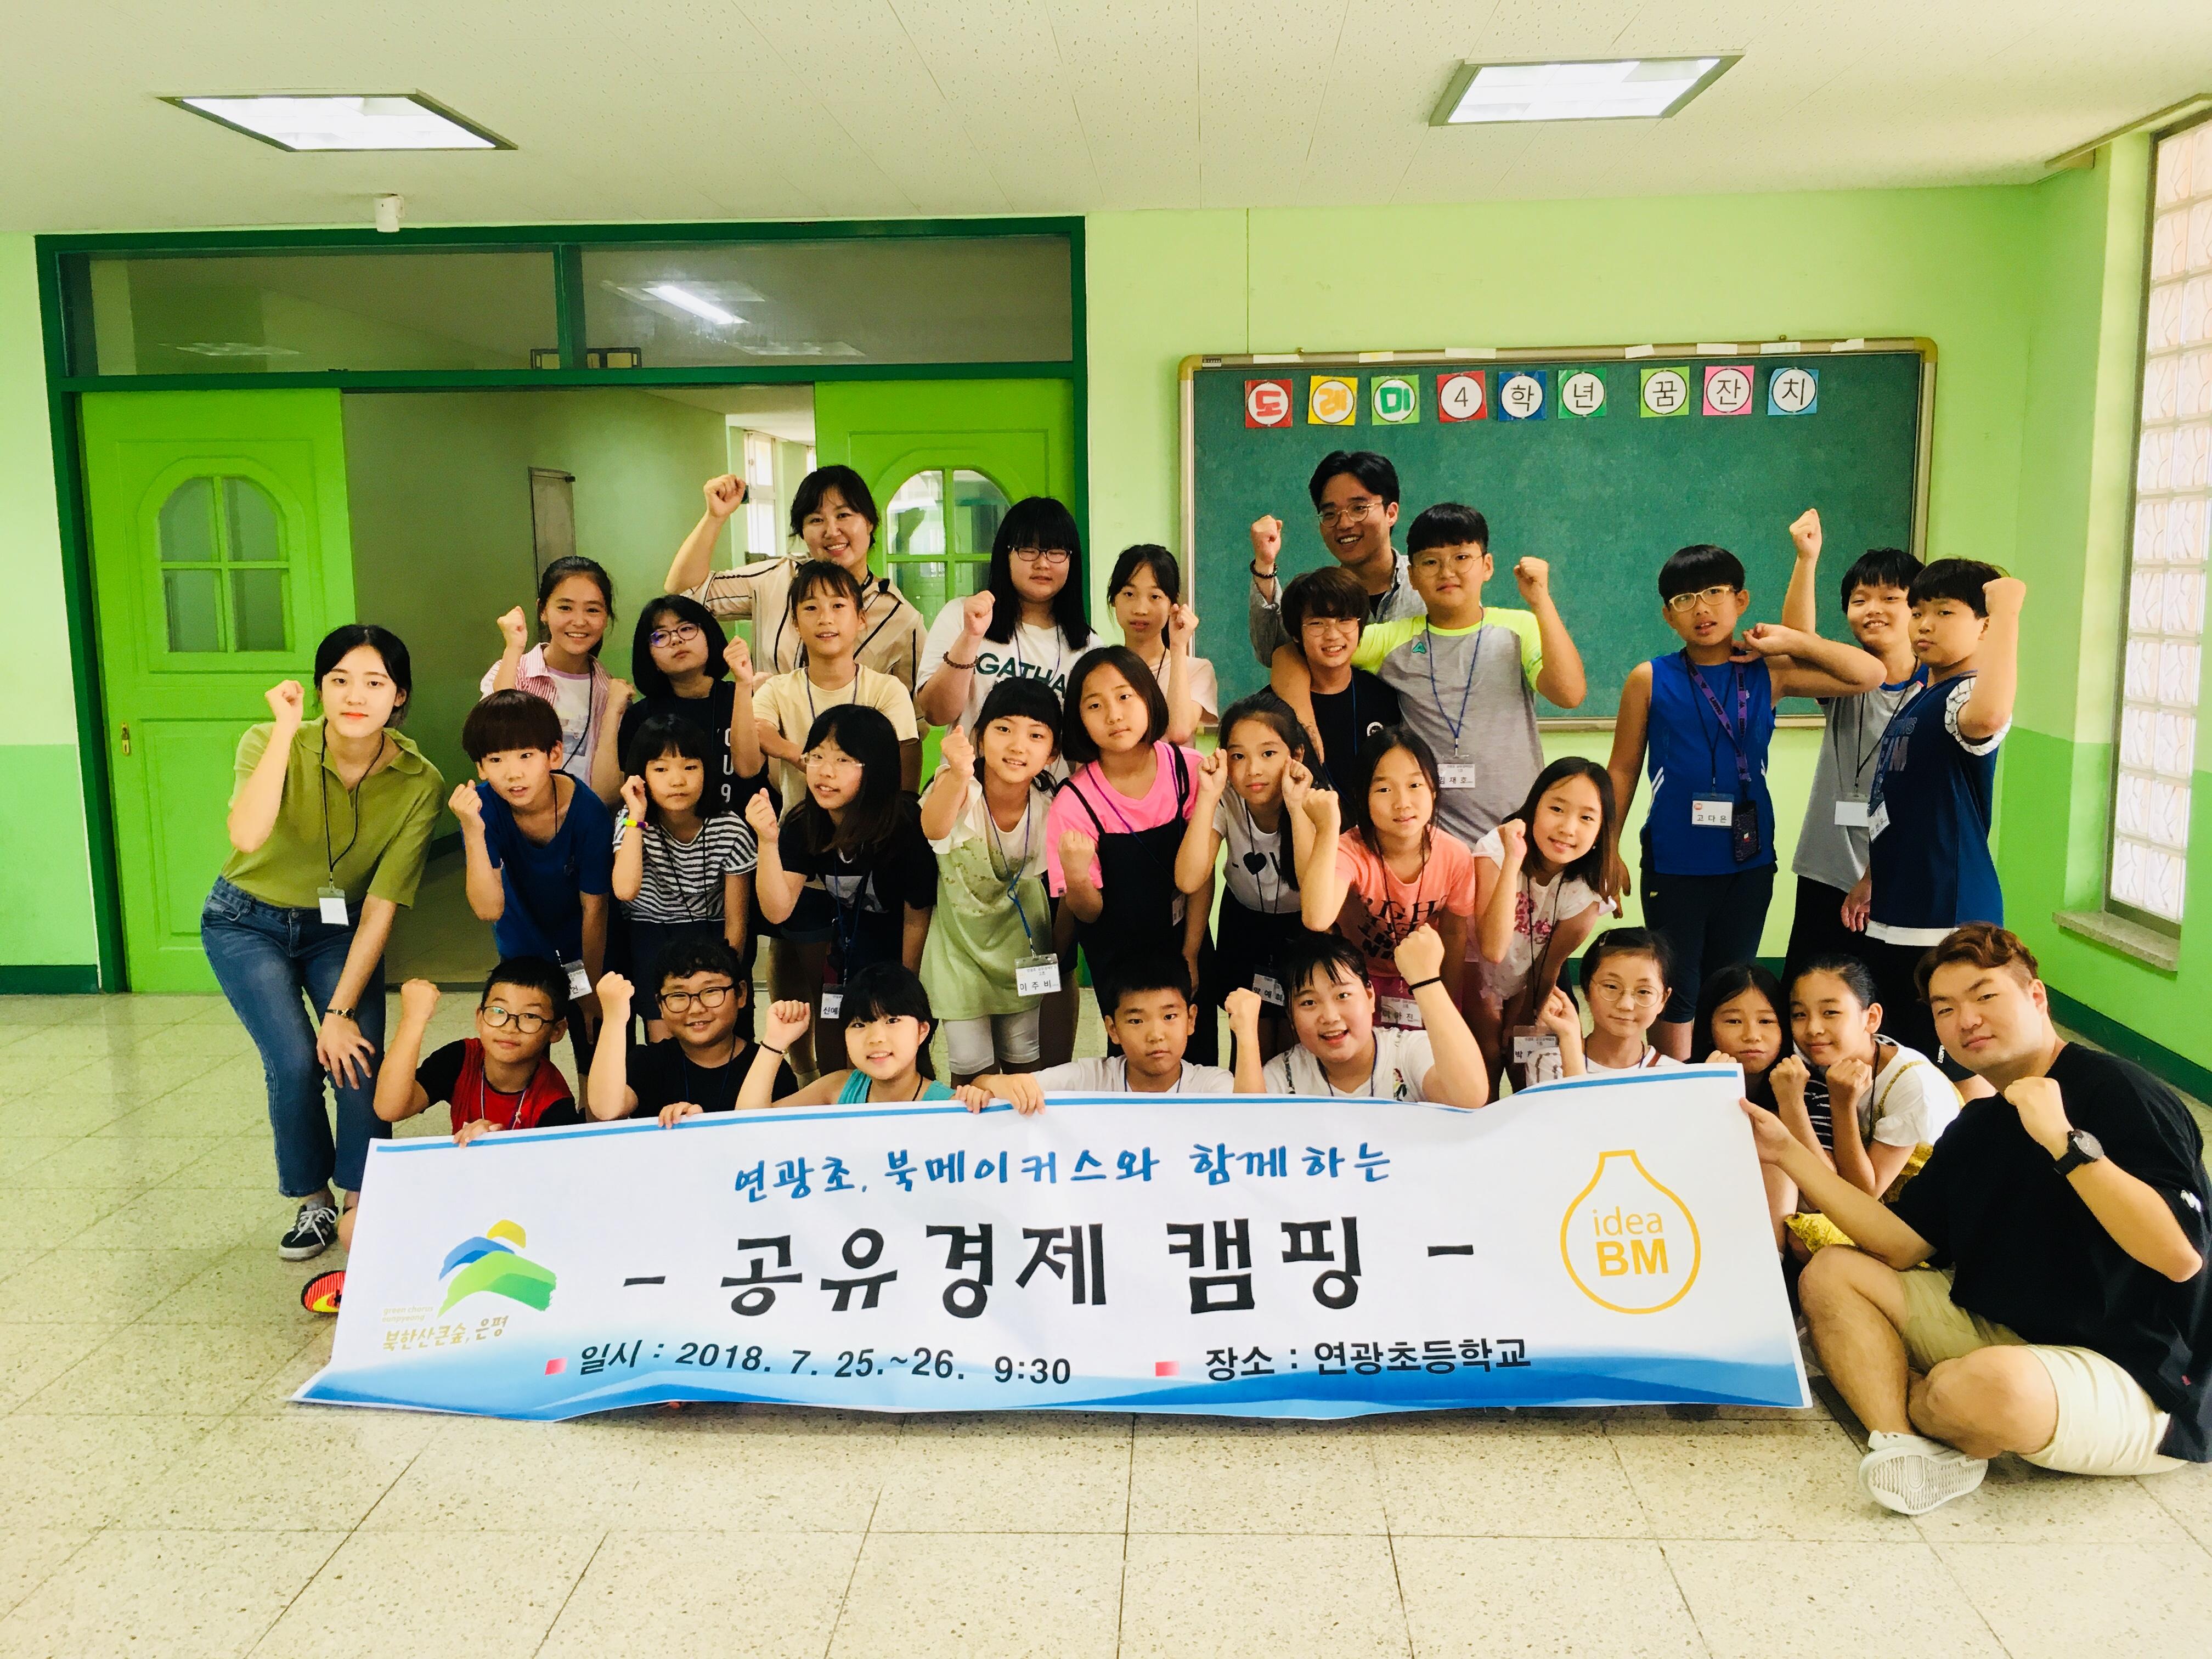 2018 은평구 공유경제 씨앗학교-'연광초등학교' 공유경제캠프(2일차)